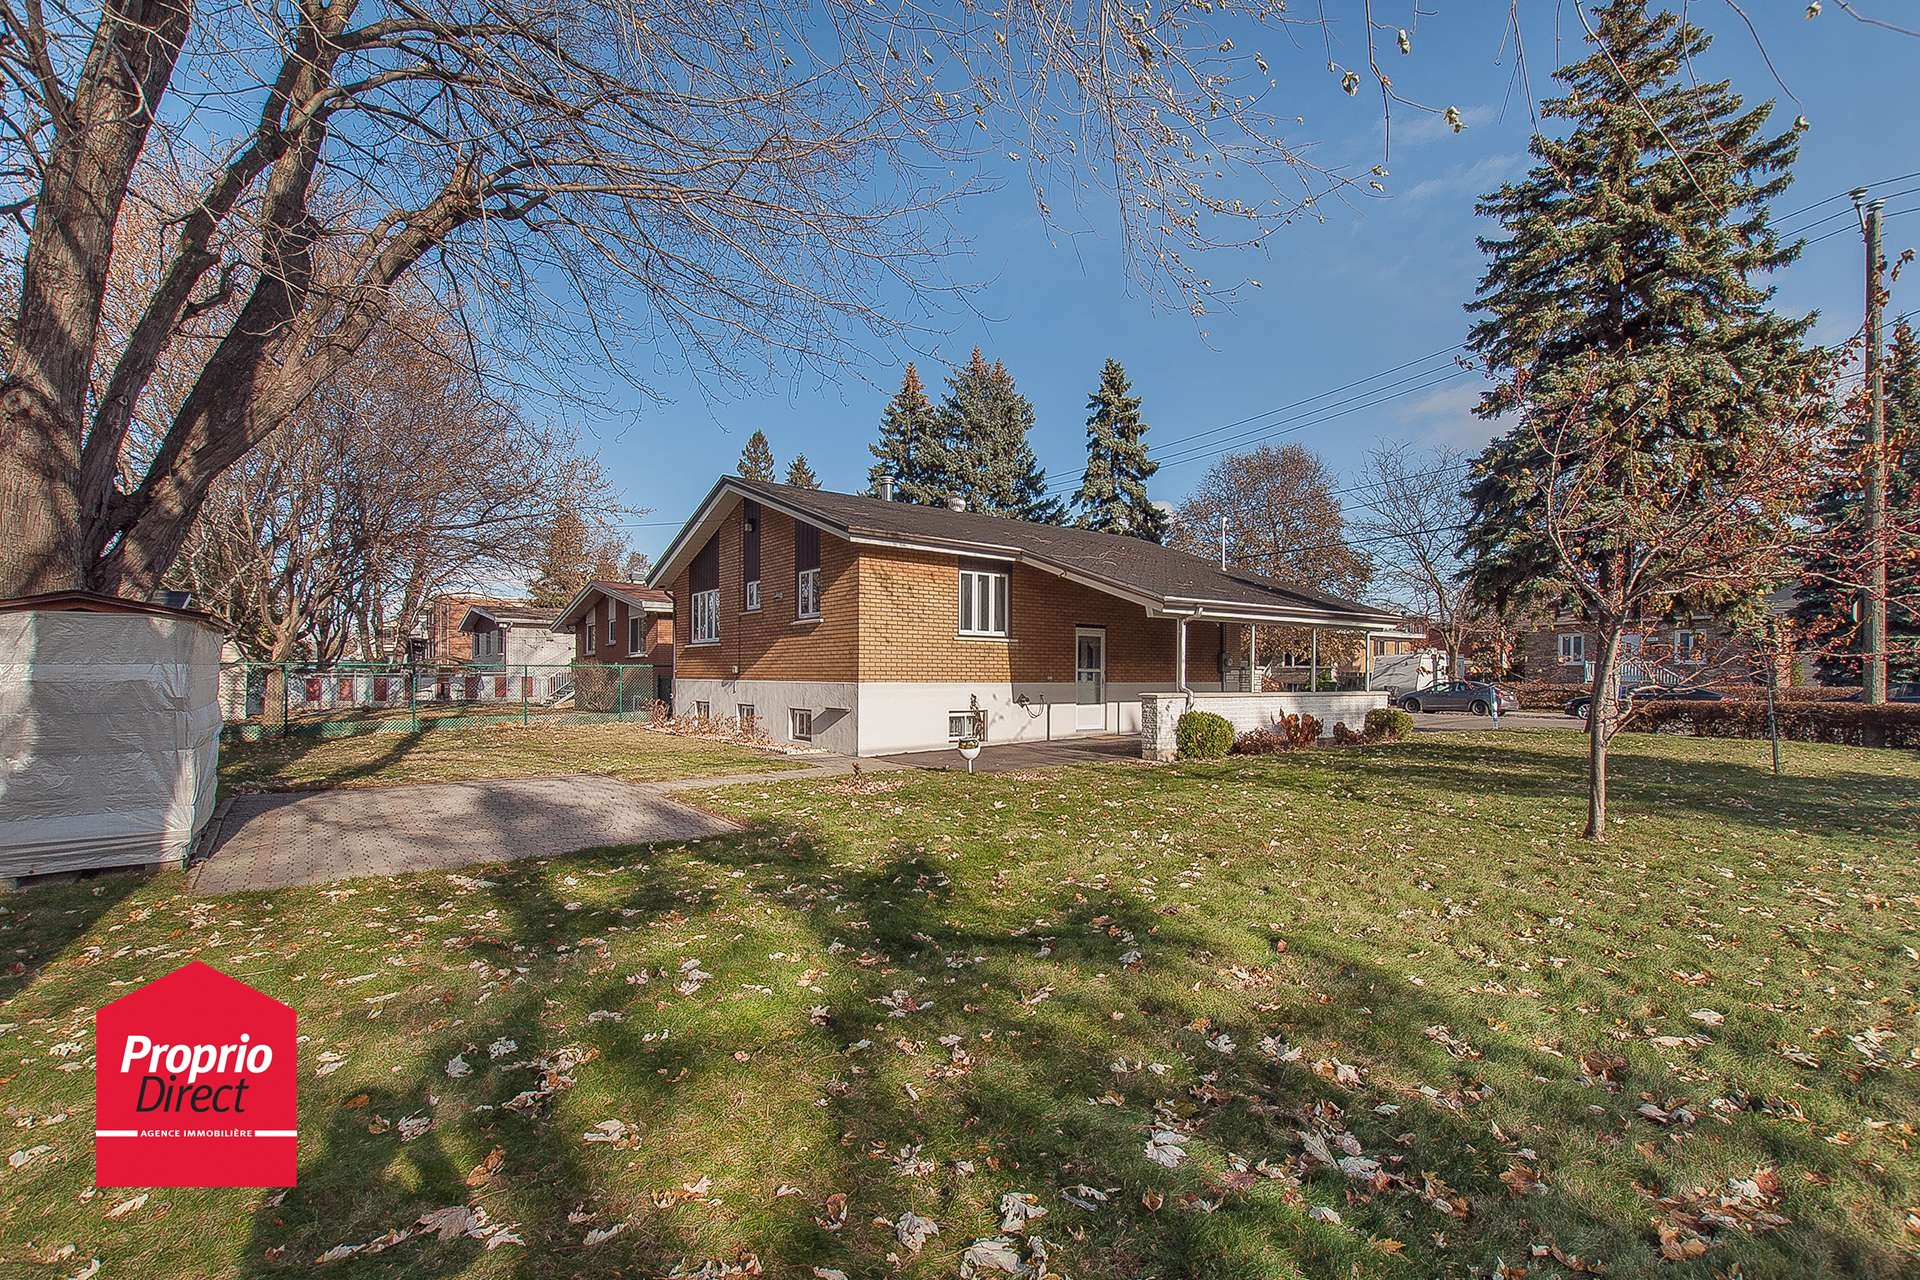 Maison de plain pied vendre 12311 rue parent rivi re for Acheter un maison a montreal